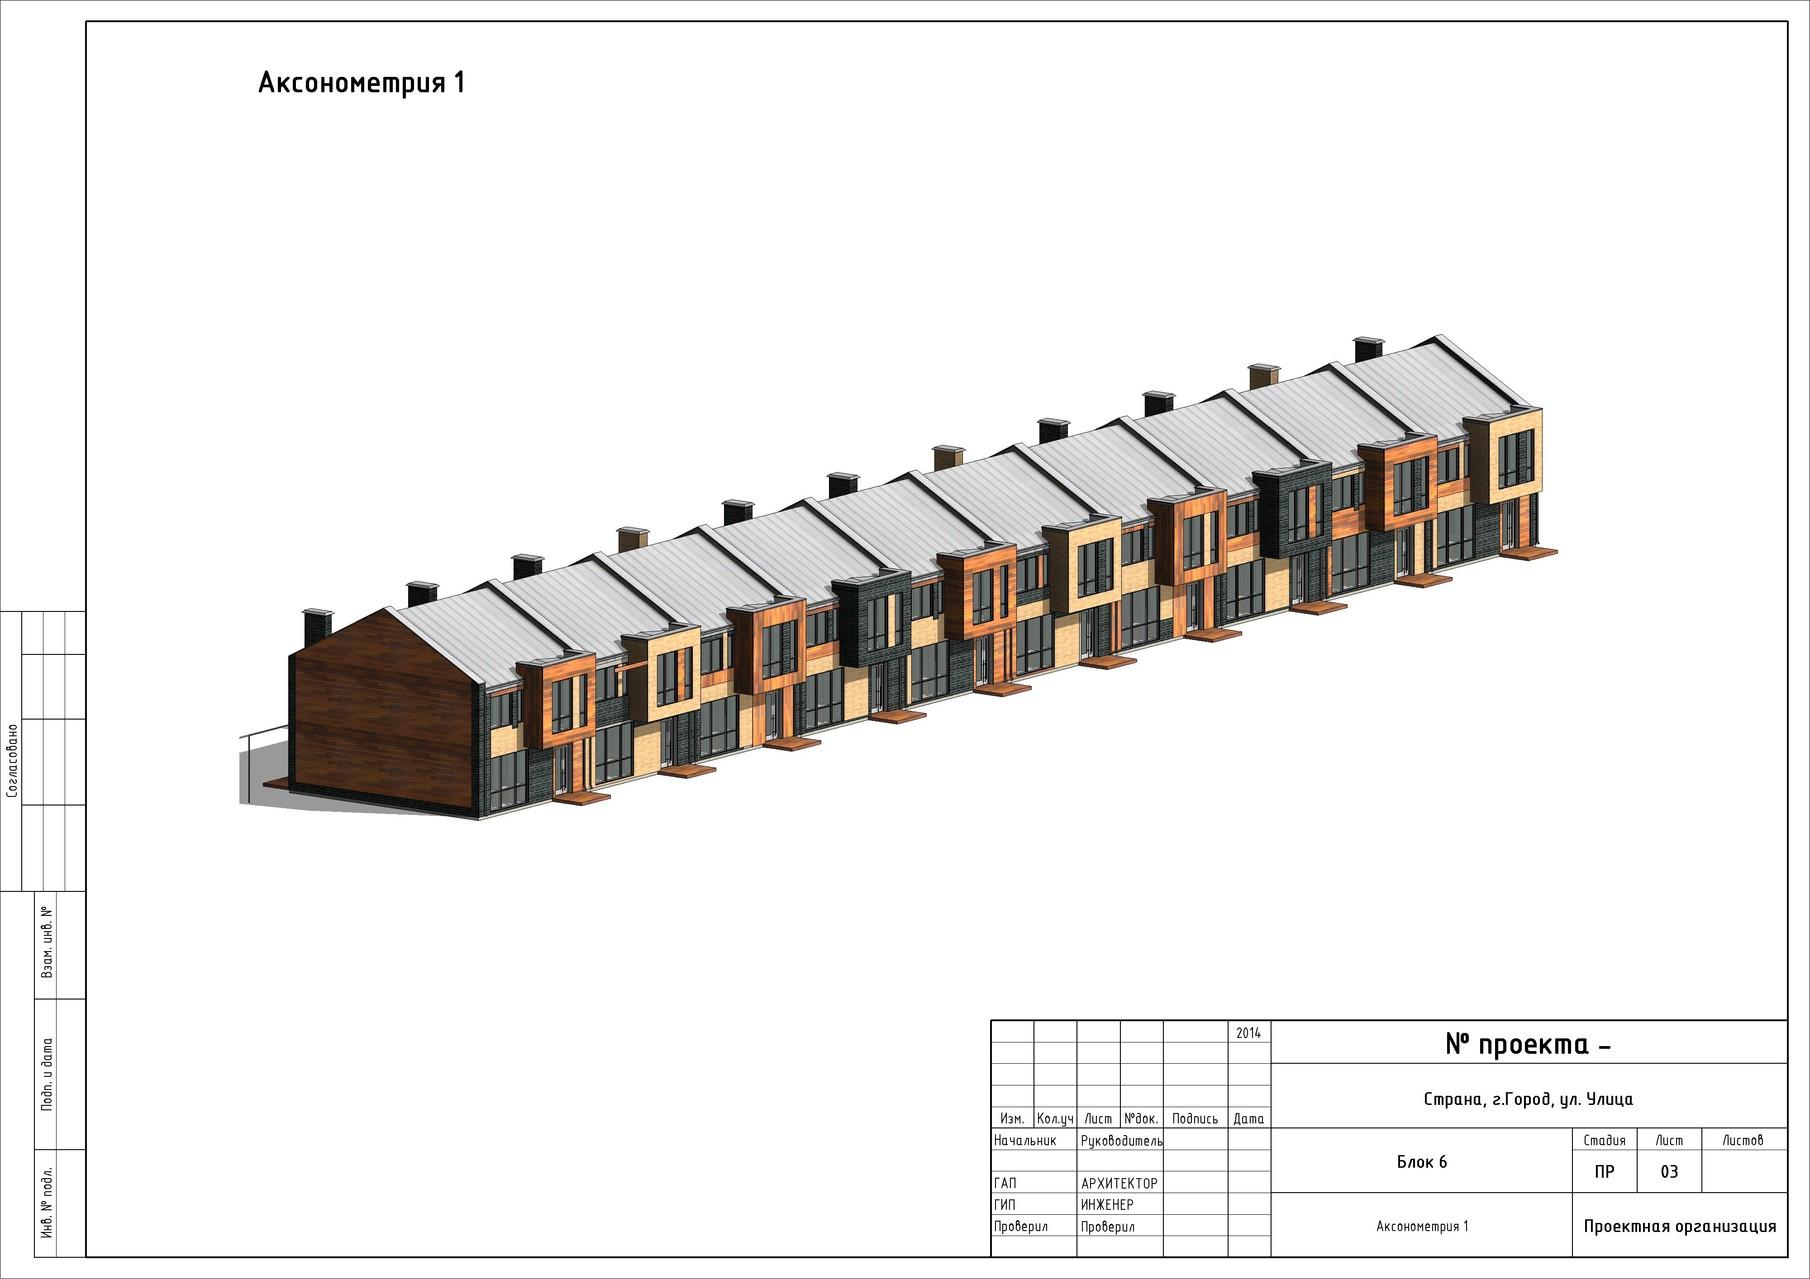 Дизайн фасадов таунхаусов